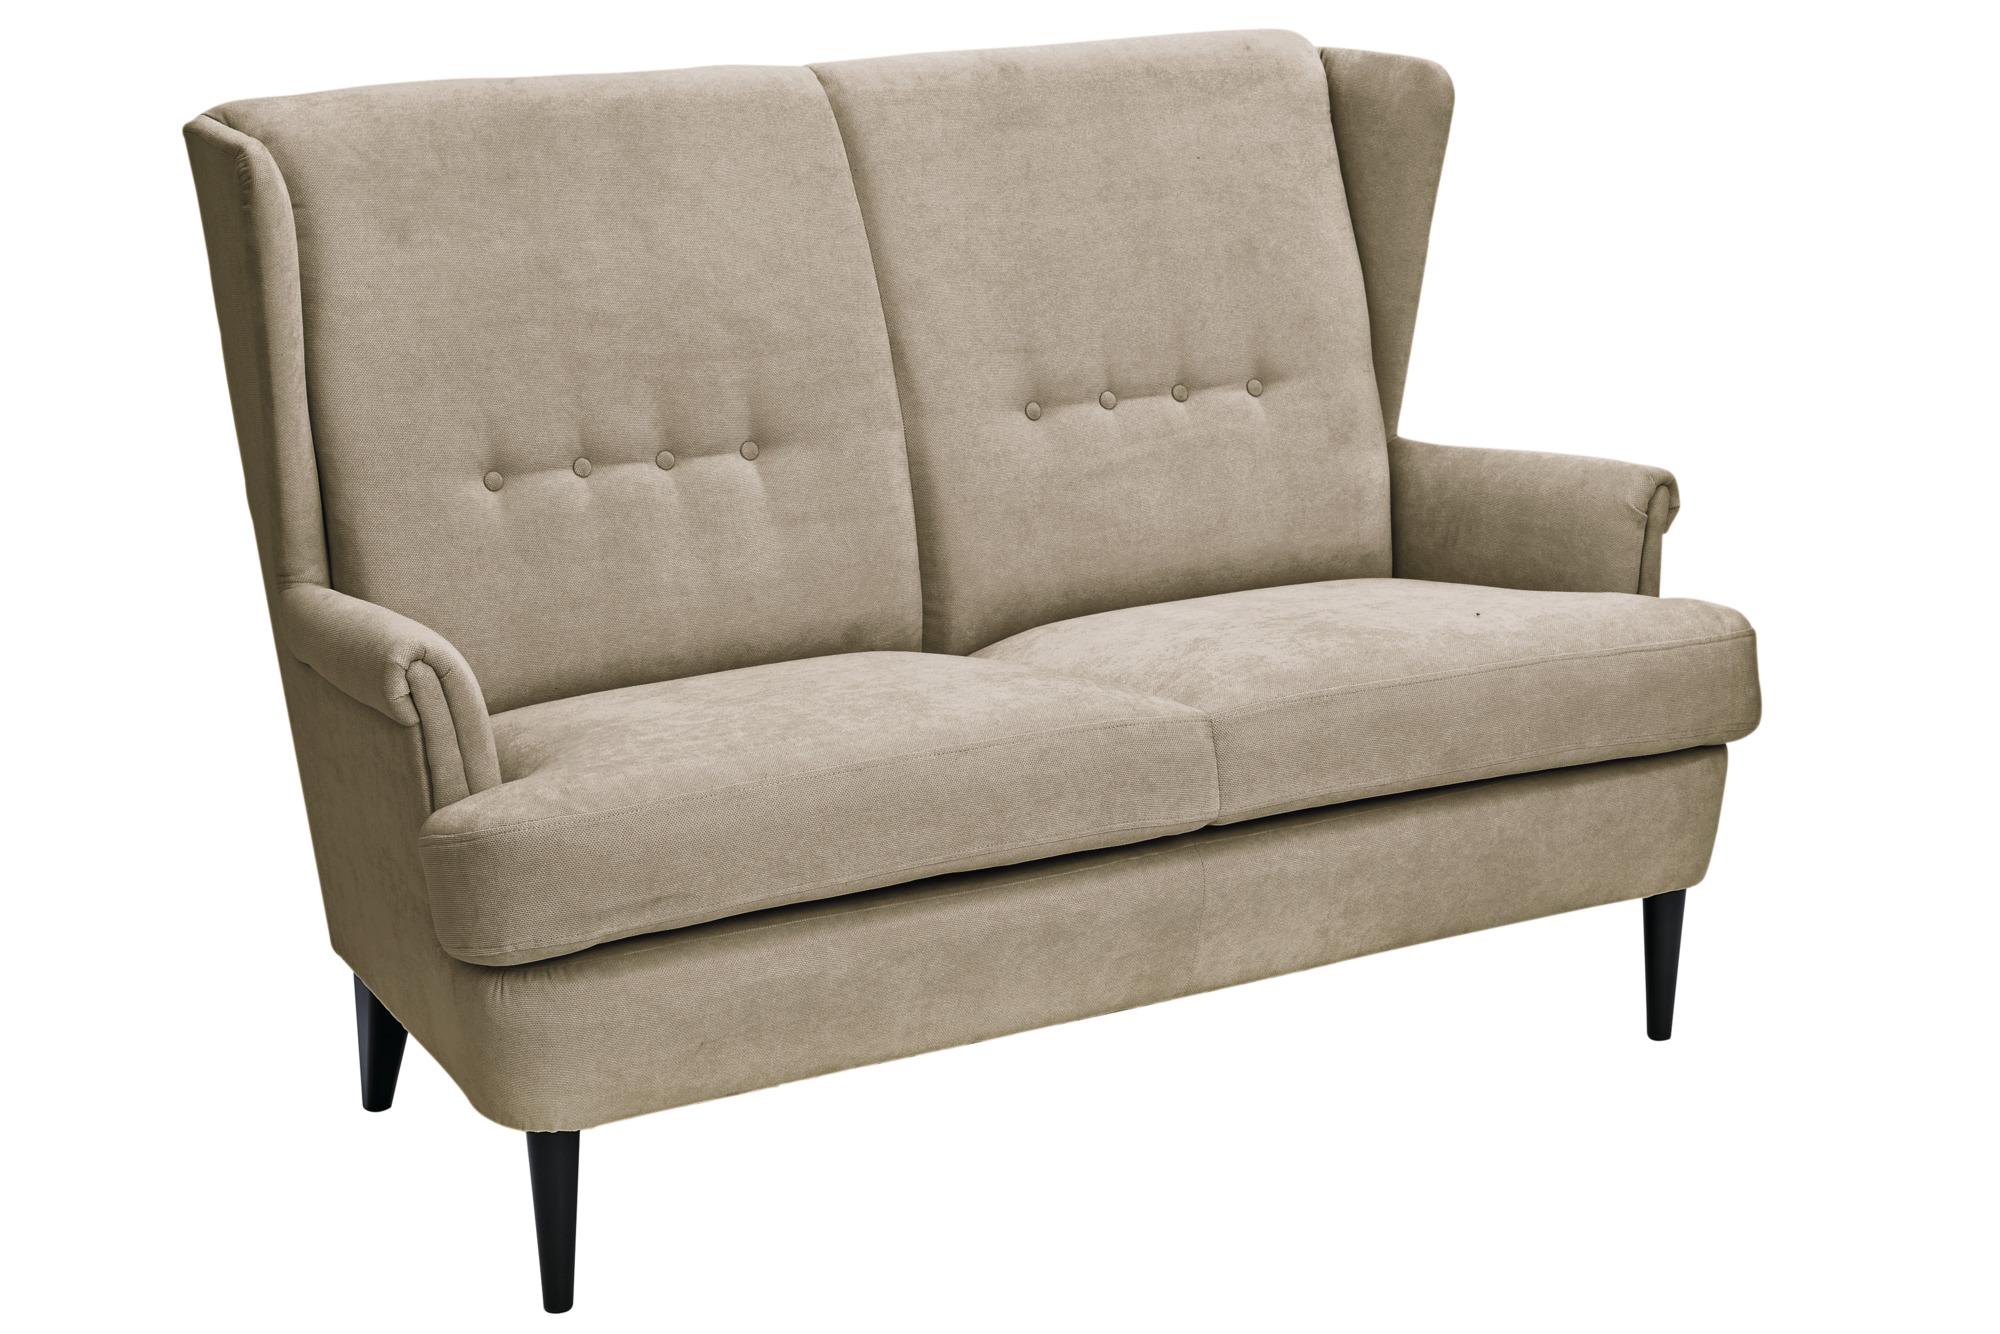 heine home Speisesofa 3er mit extrahoher Sitzfläche Preisvergleich